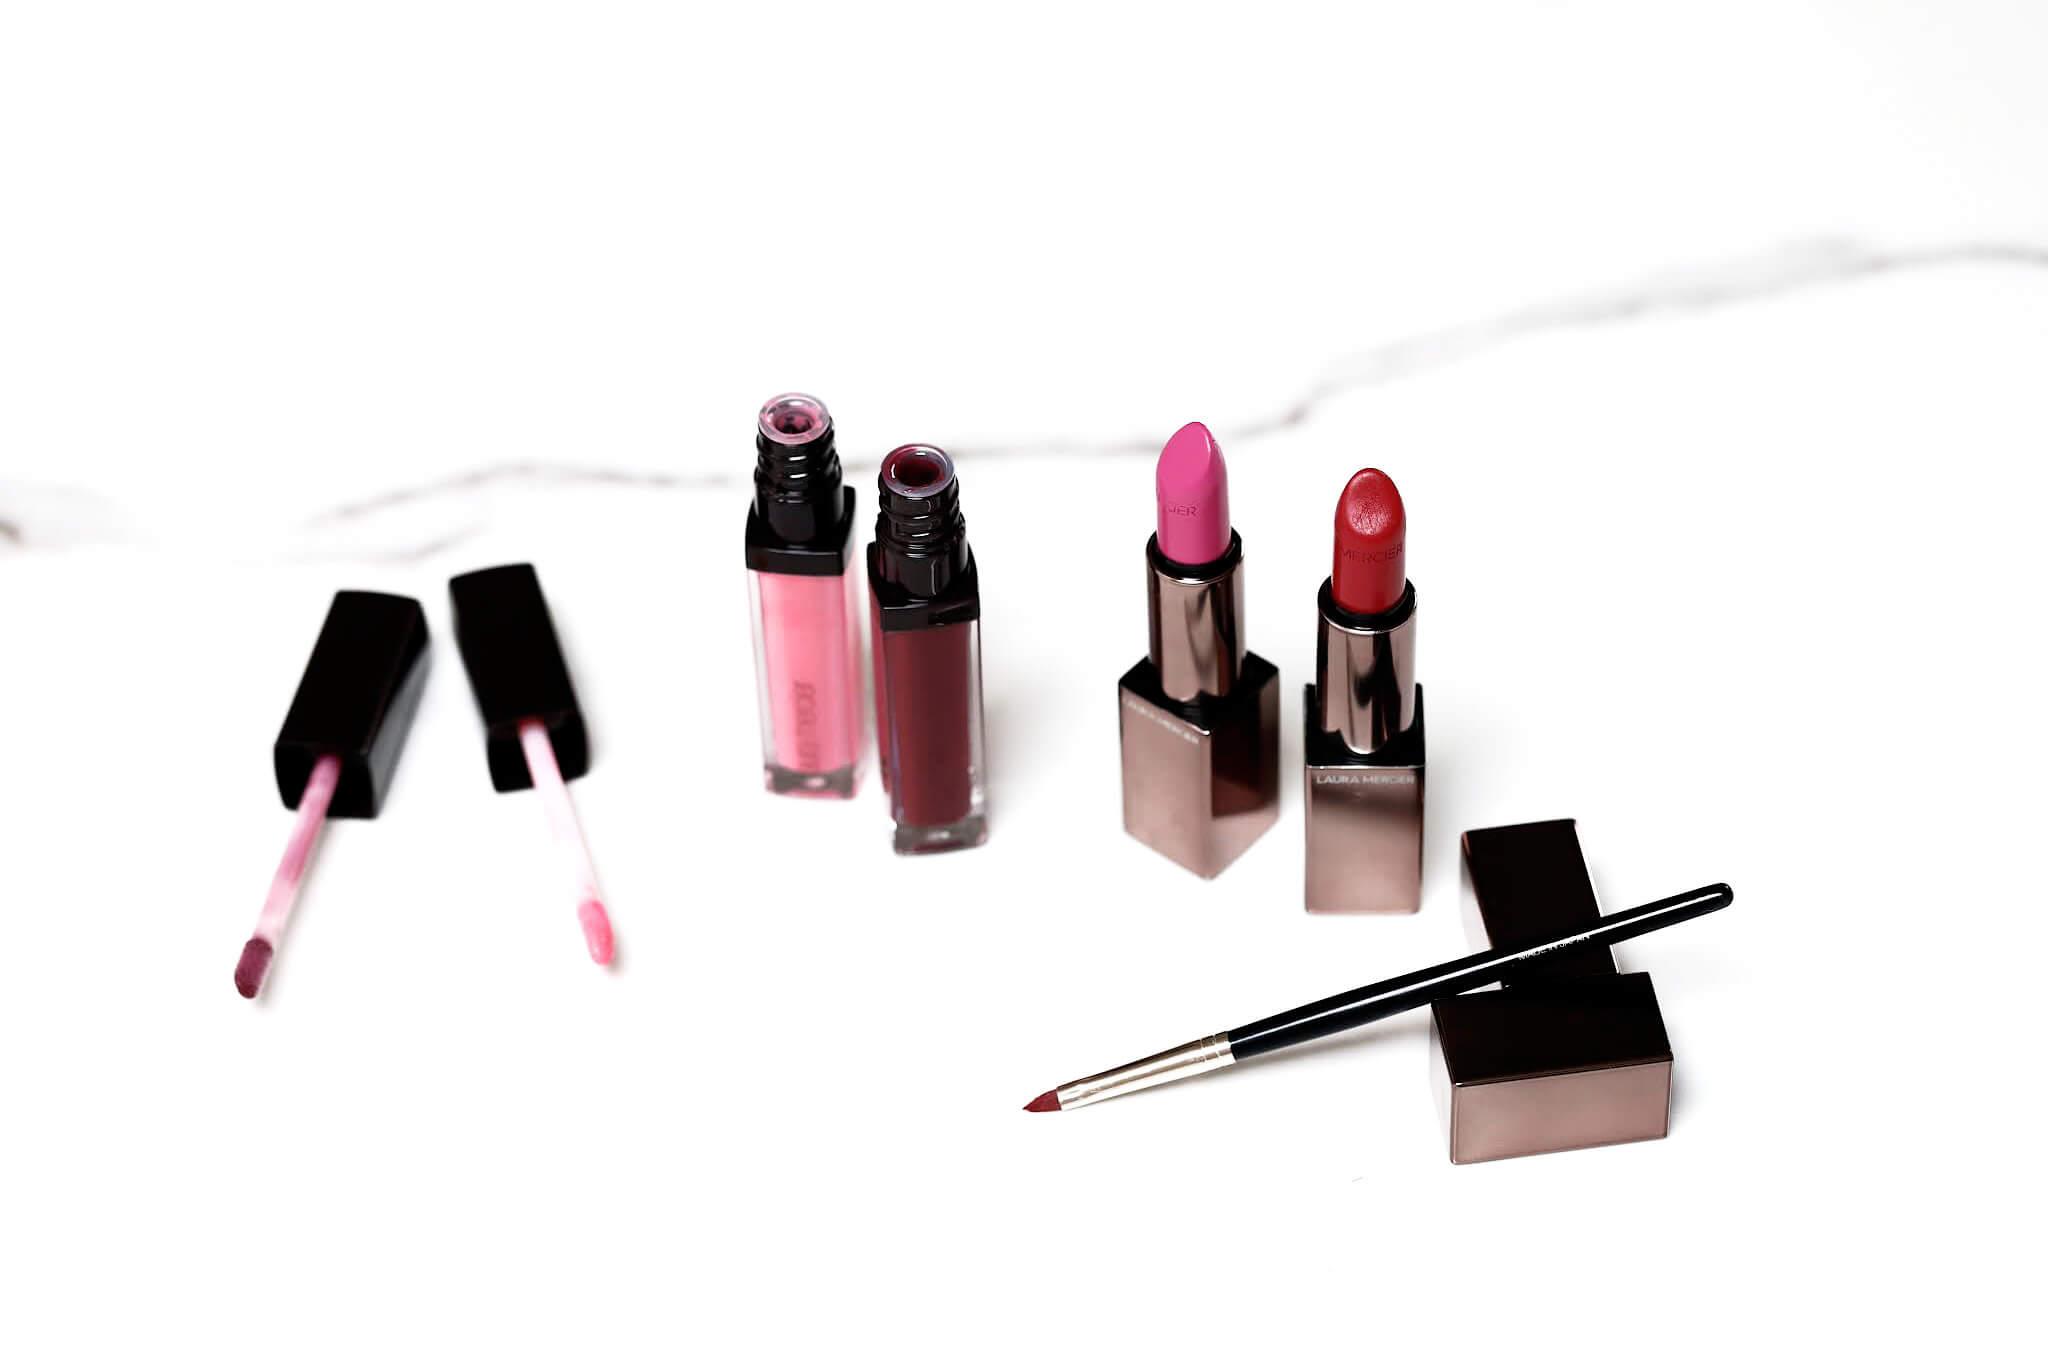 Laura Mercier Rouge Essnentiel Lèvres Glacées Pink Pop Black Cherryrouge ultime classique pink